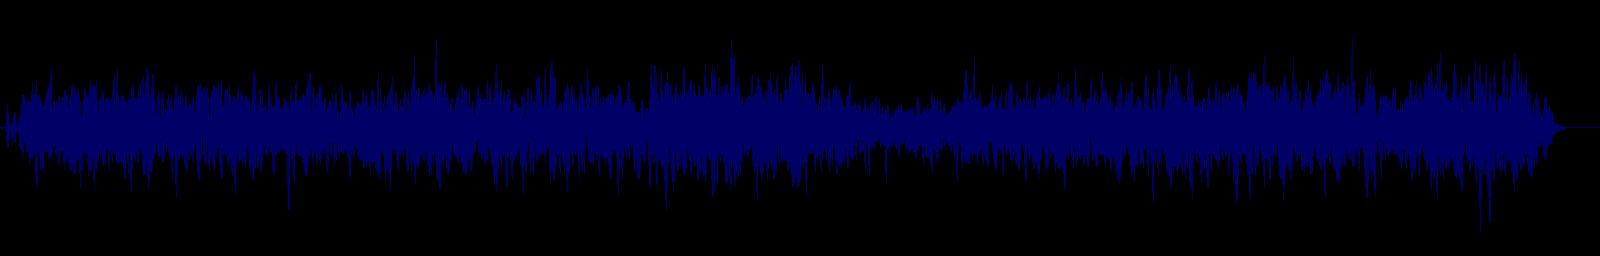 waveform of track #145564